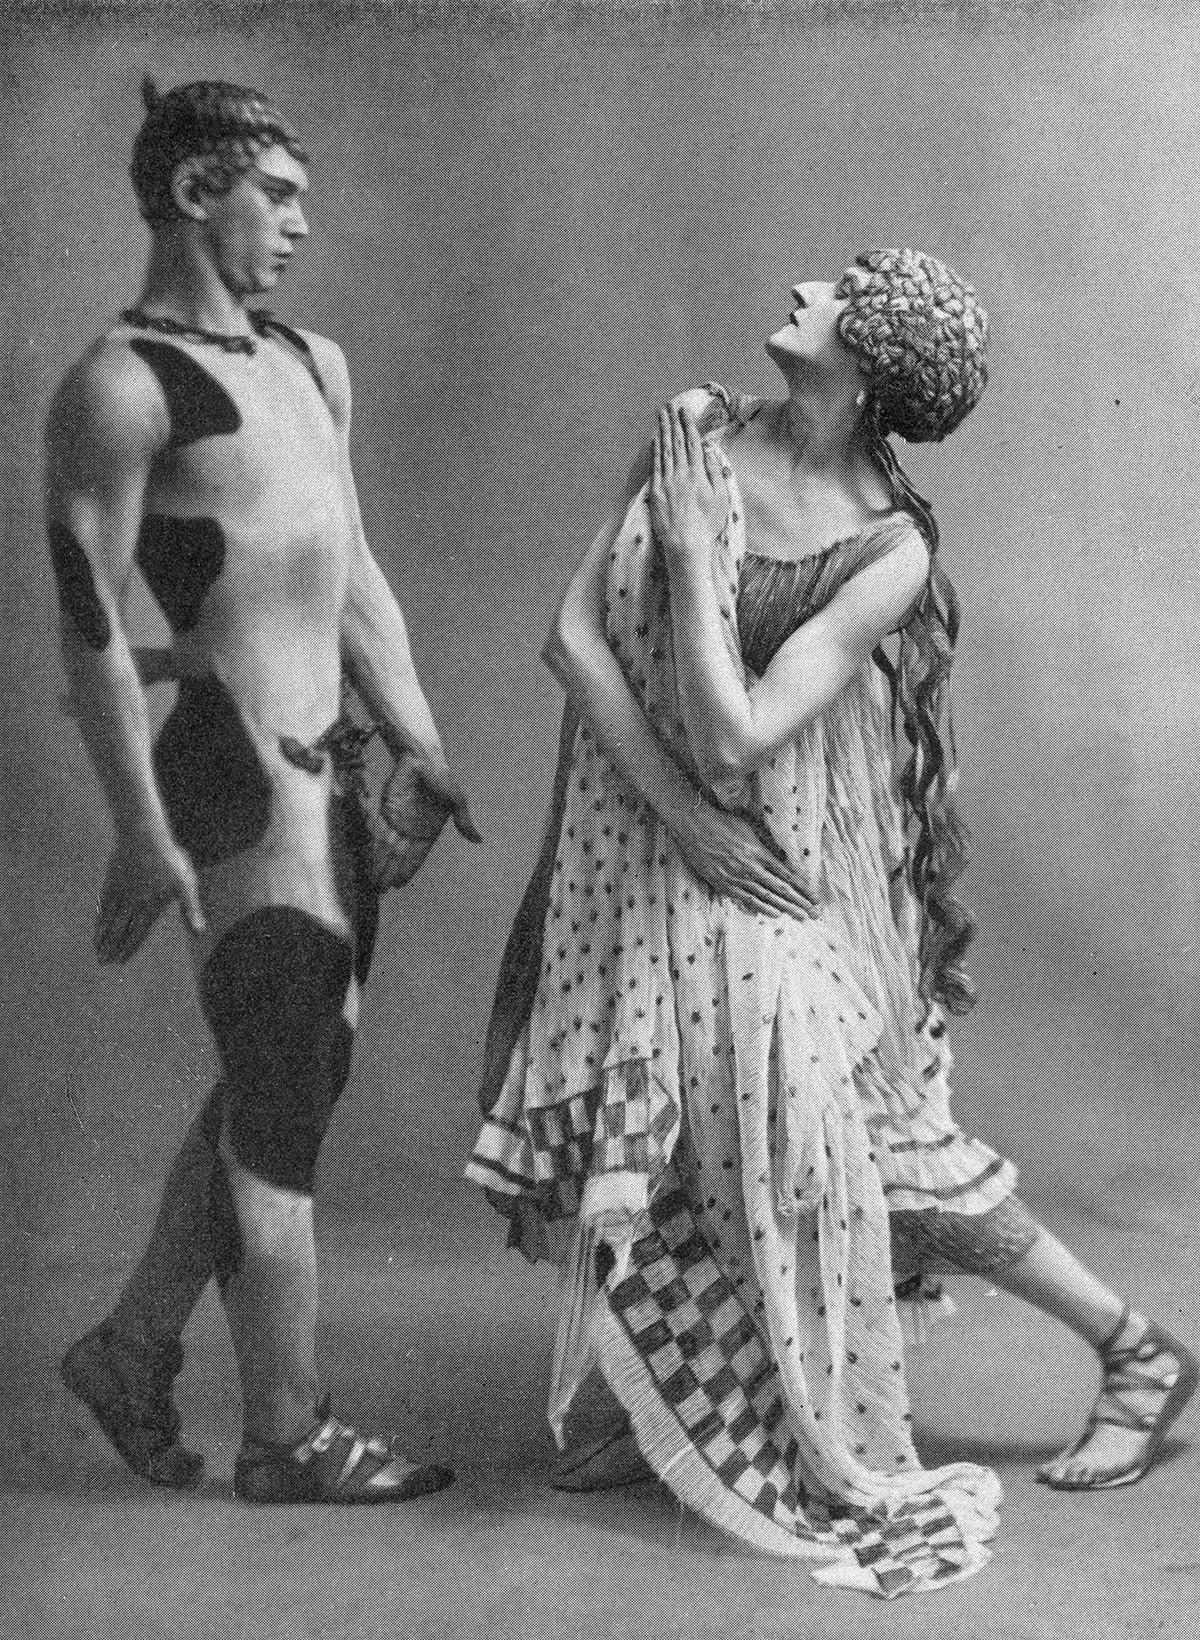 Nijinski et sa partenaire, 1912